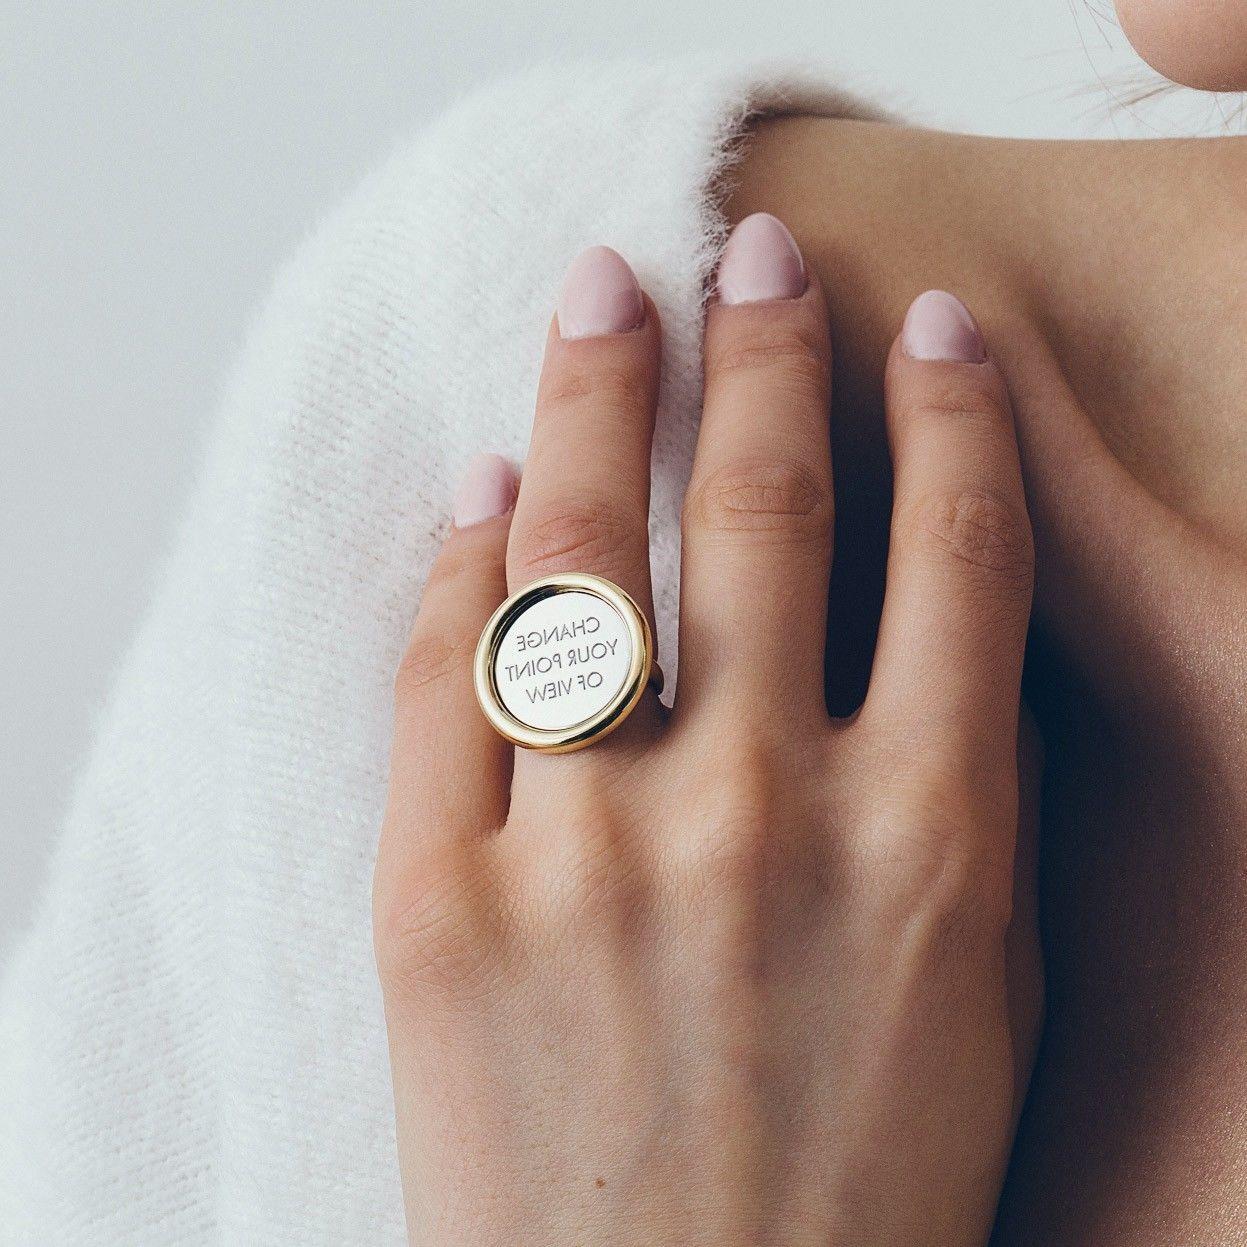 Srebrny pierścionek lustro, grawer, srebro 925 : ROZMIAR PIERŚCIONKA - 17 UK:R 18,00 MM, Srebro - kolor pokrycia - Pokrycie platyną